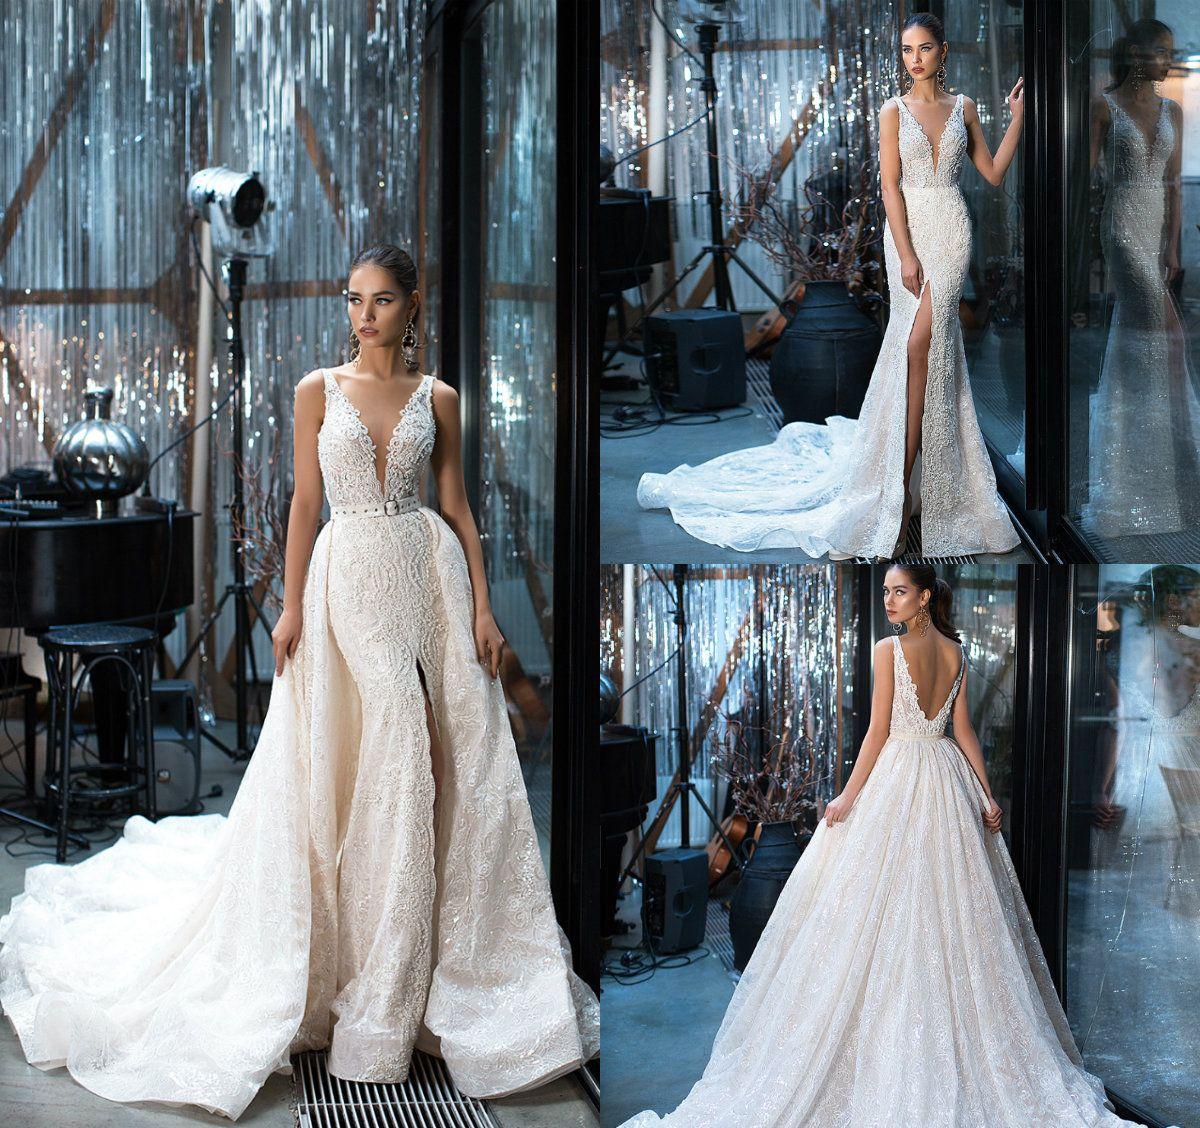 Julie Vino sereia Vestidos de casamento com vestidos de noiva destacáveis Appliques trem Beads profundo decote em V Sexy Backless Lace Vestido de Noiva Plus Size